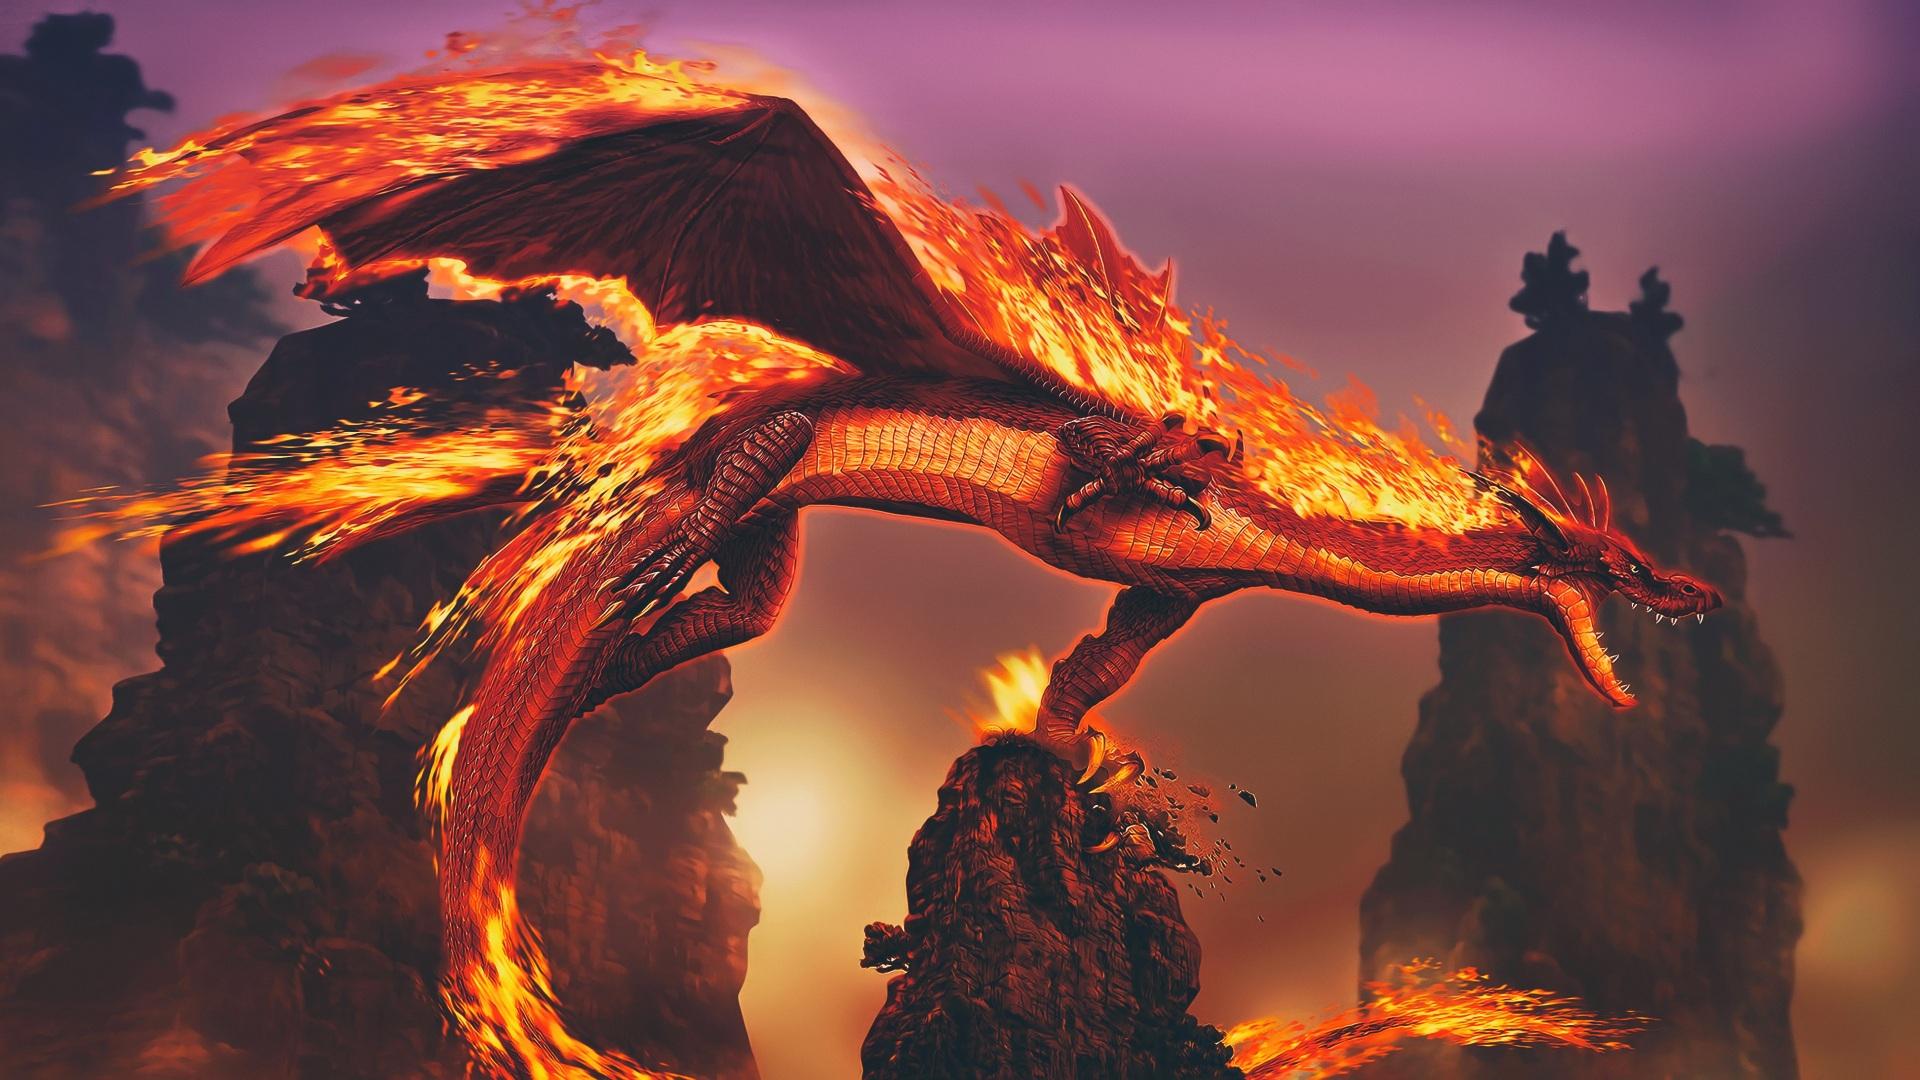 Fonds Decran 1920x1080 Dragons Feu 3d Graphiques Fantasy